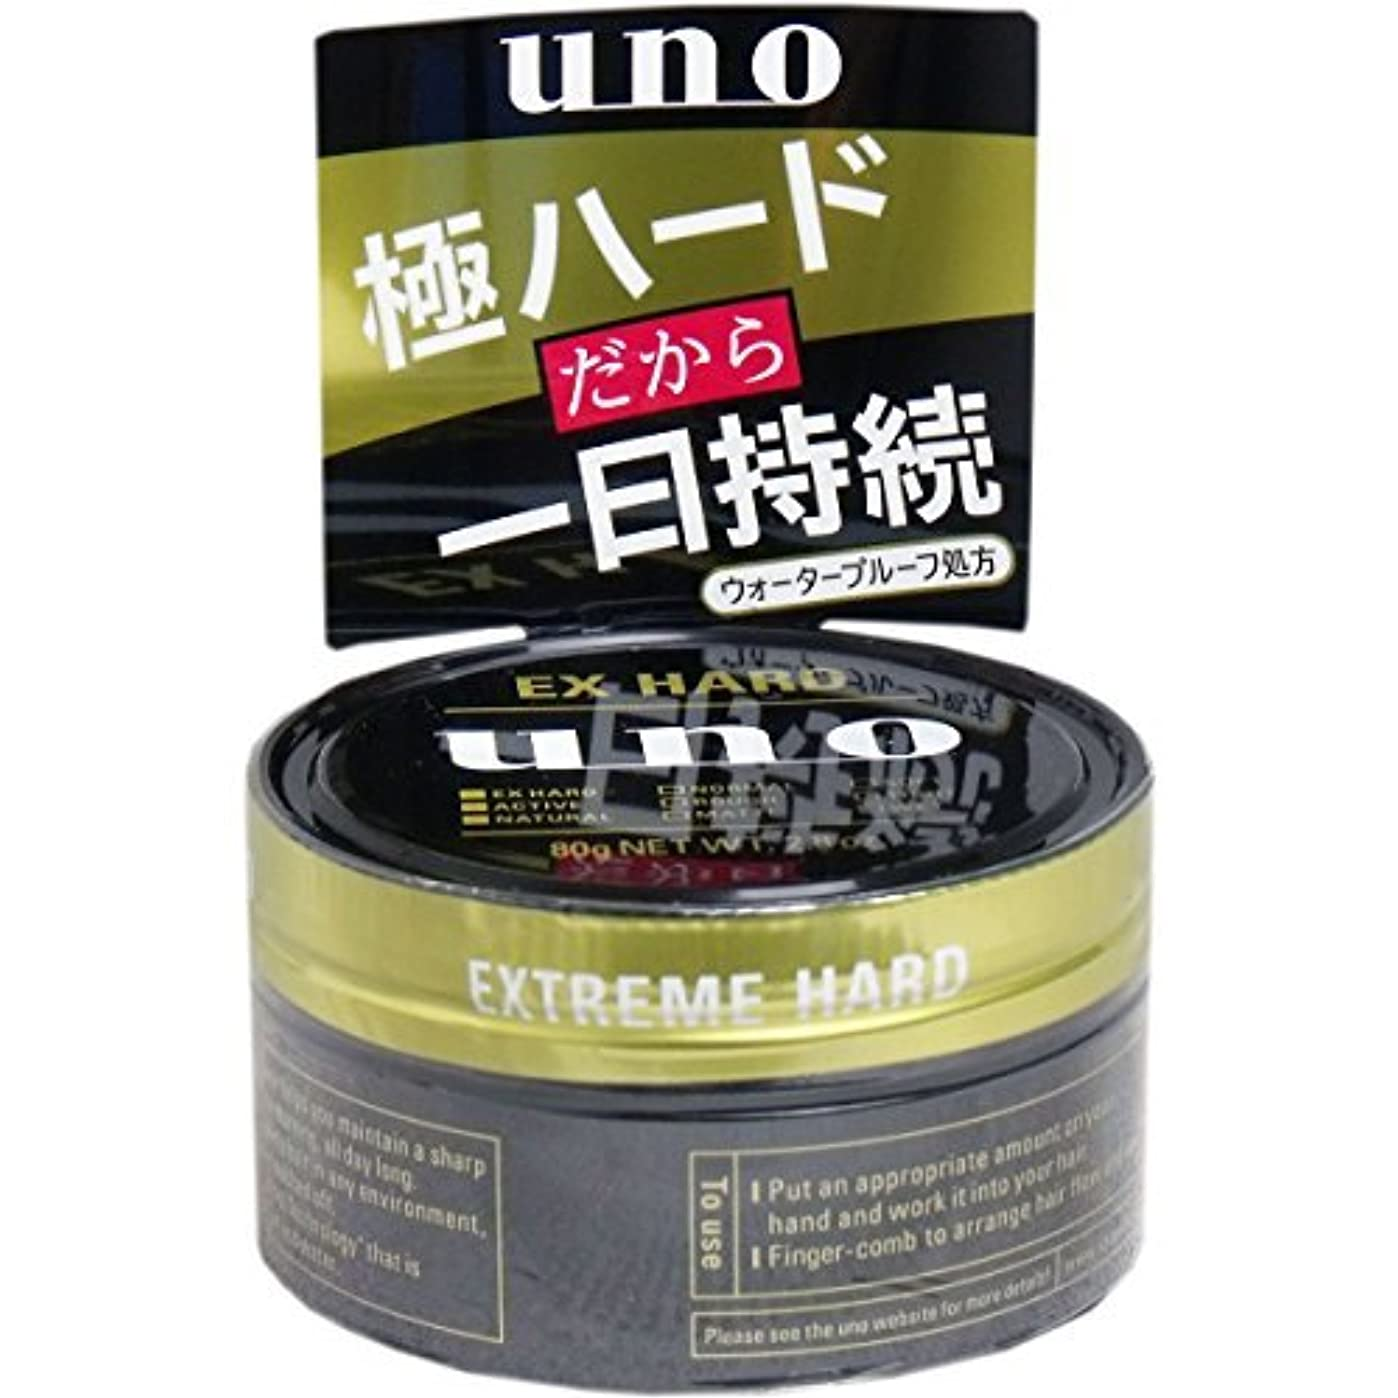 独立少なくとも服を片付けるUNO(ウーノ) エクストリームハード 整髪料 80g